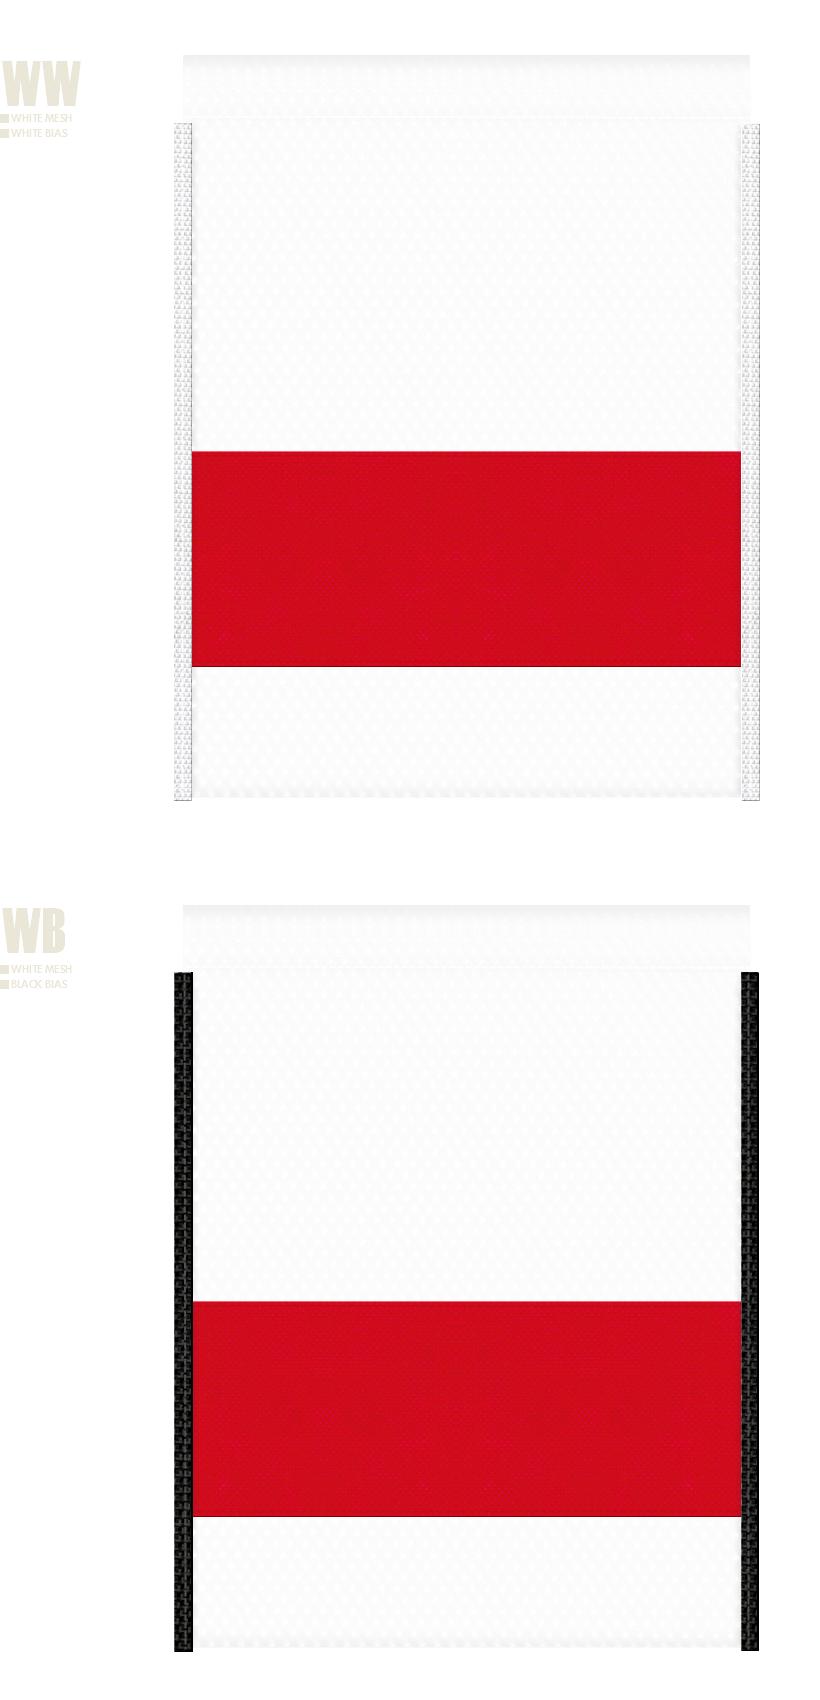 白色メッシュと紅色不織布のメッシュバッグカラーシミュレーション:キャンプ用品・アウトドア用品・スポーツ用品・シューズバッグ・クリスマスのショッピングバッグにお奨め